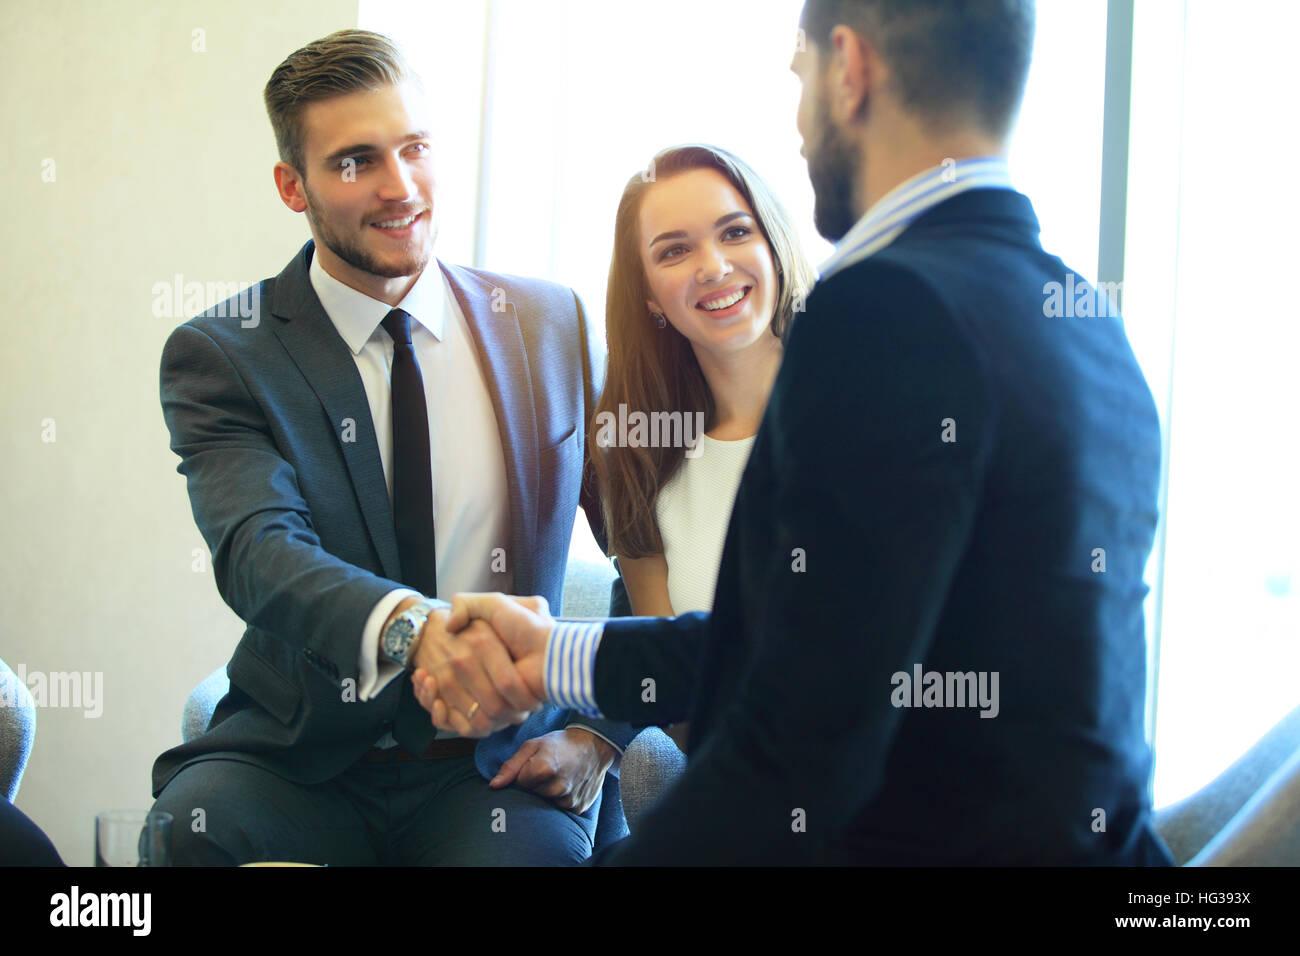 La gente di affari stringono le mani, finitura fino a una riunione. Immagini Stock